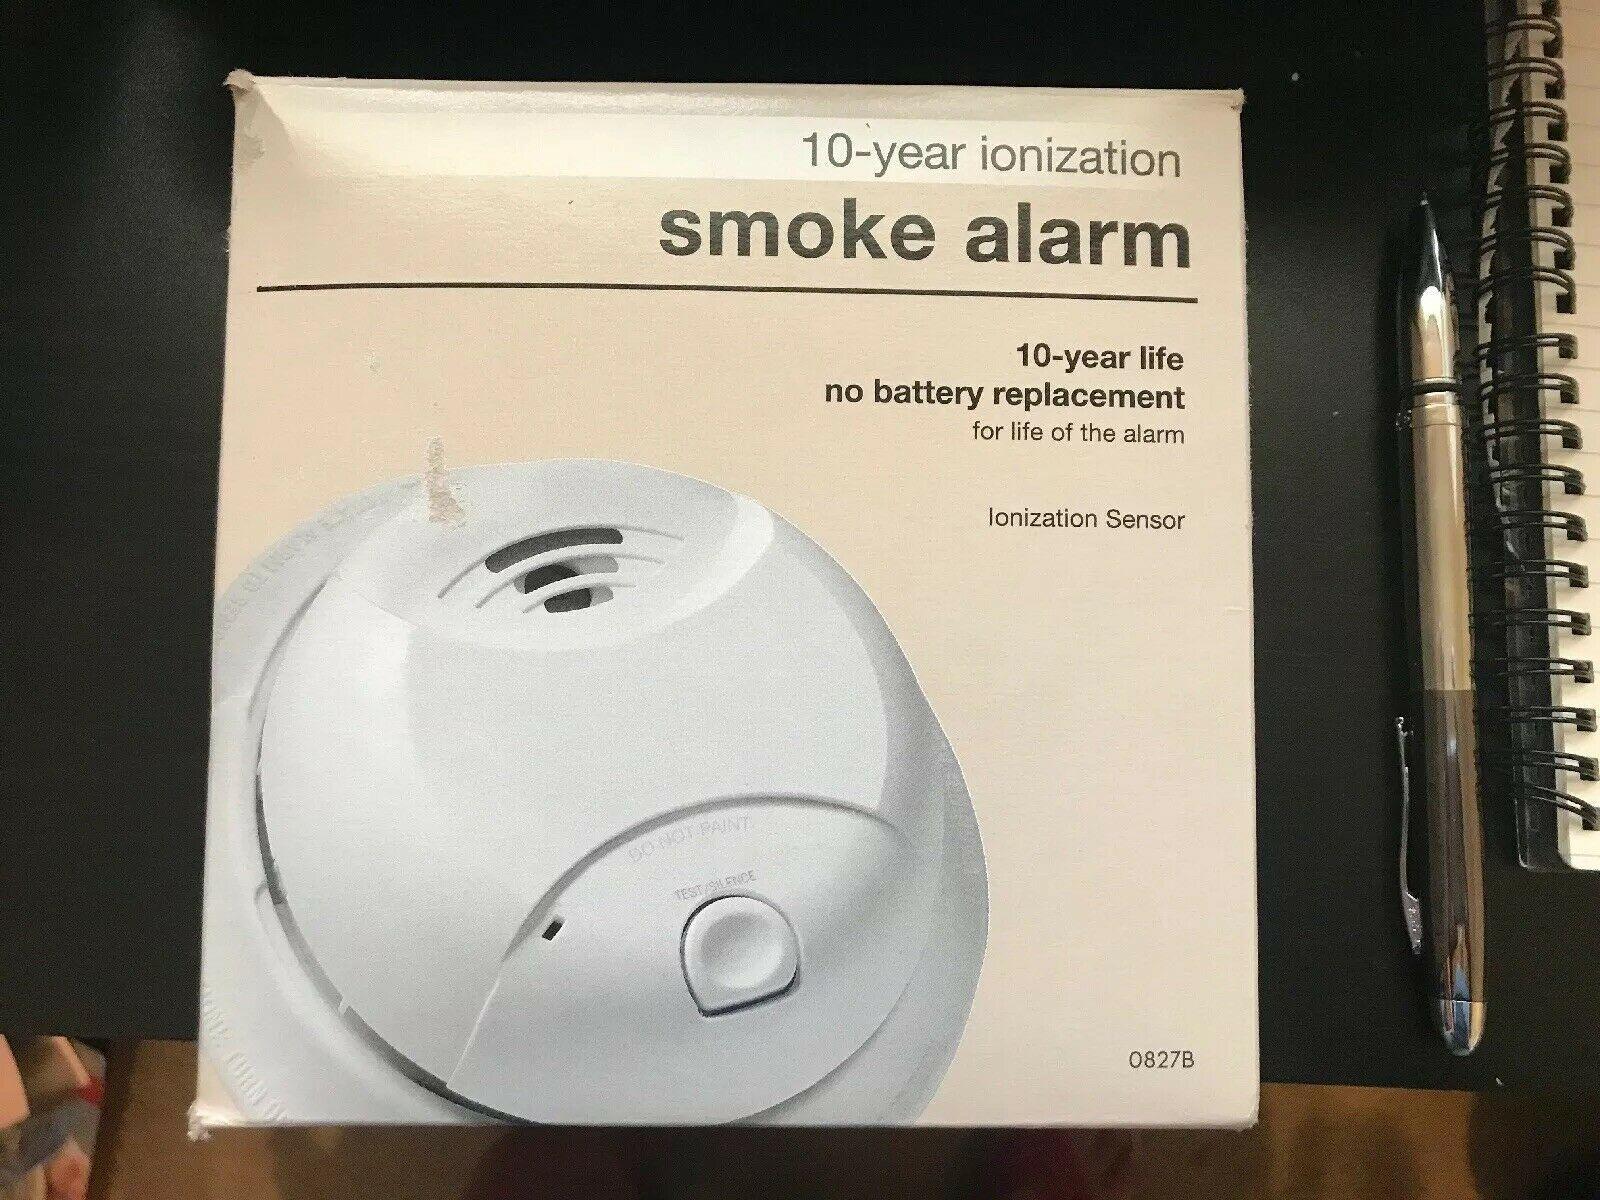 Smoke Alarm Smoke Alarm Ideas Smokealarm Firealarm 10 Year Smoke Alarm Ionization 10 Year Smoke Alarm Ionization Price 15 99 Smoke Alarms Fire Alarm